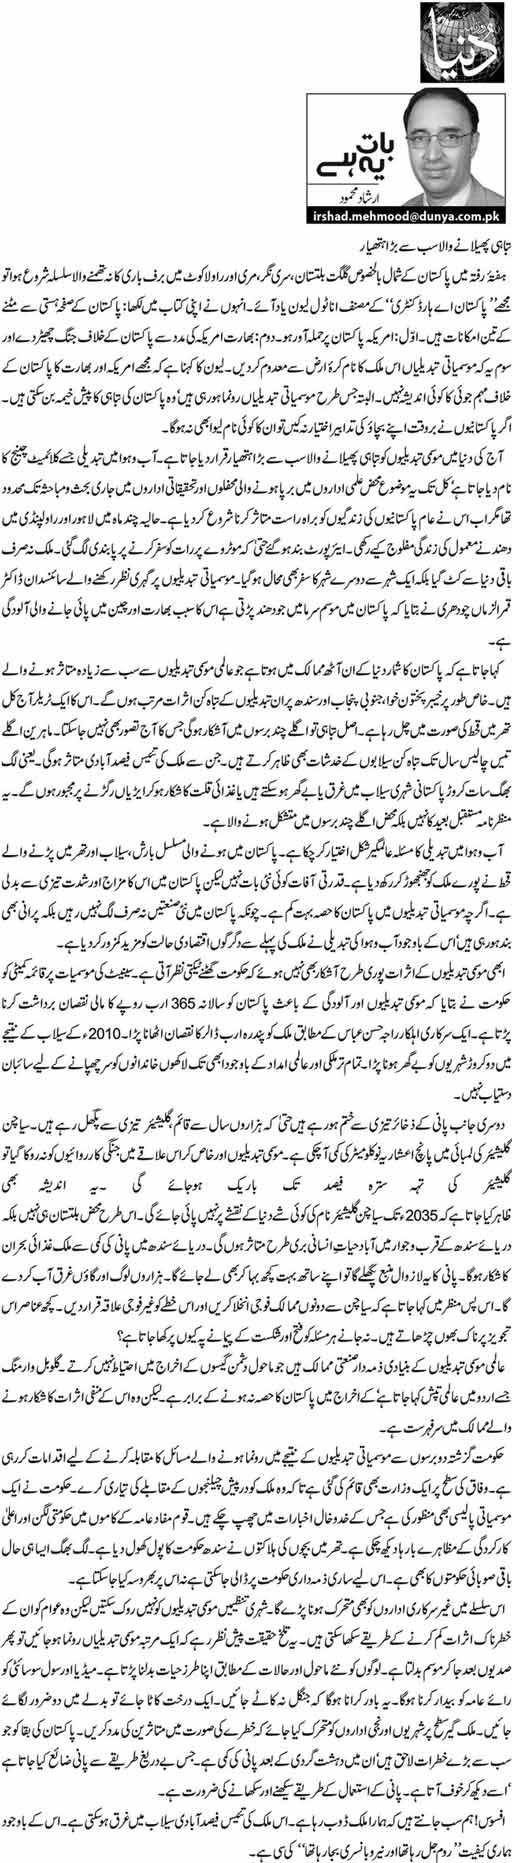 Tabai Phailanay Wala Sab Se Bada Hathiyar - Irshad Mehmood - 13th March 2014